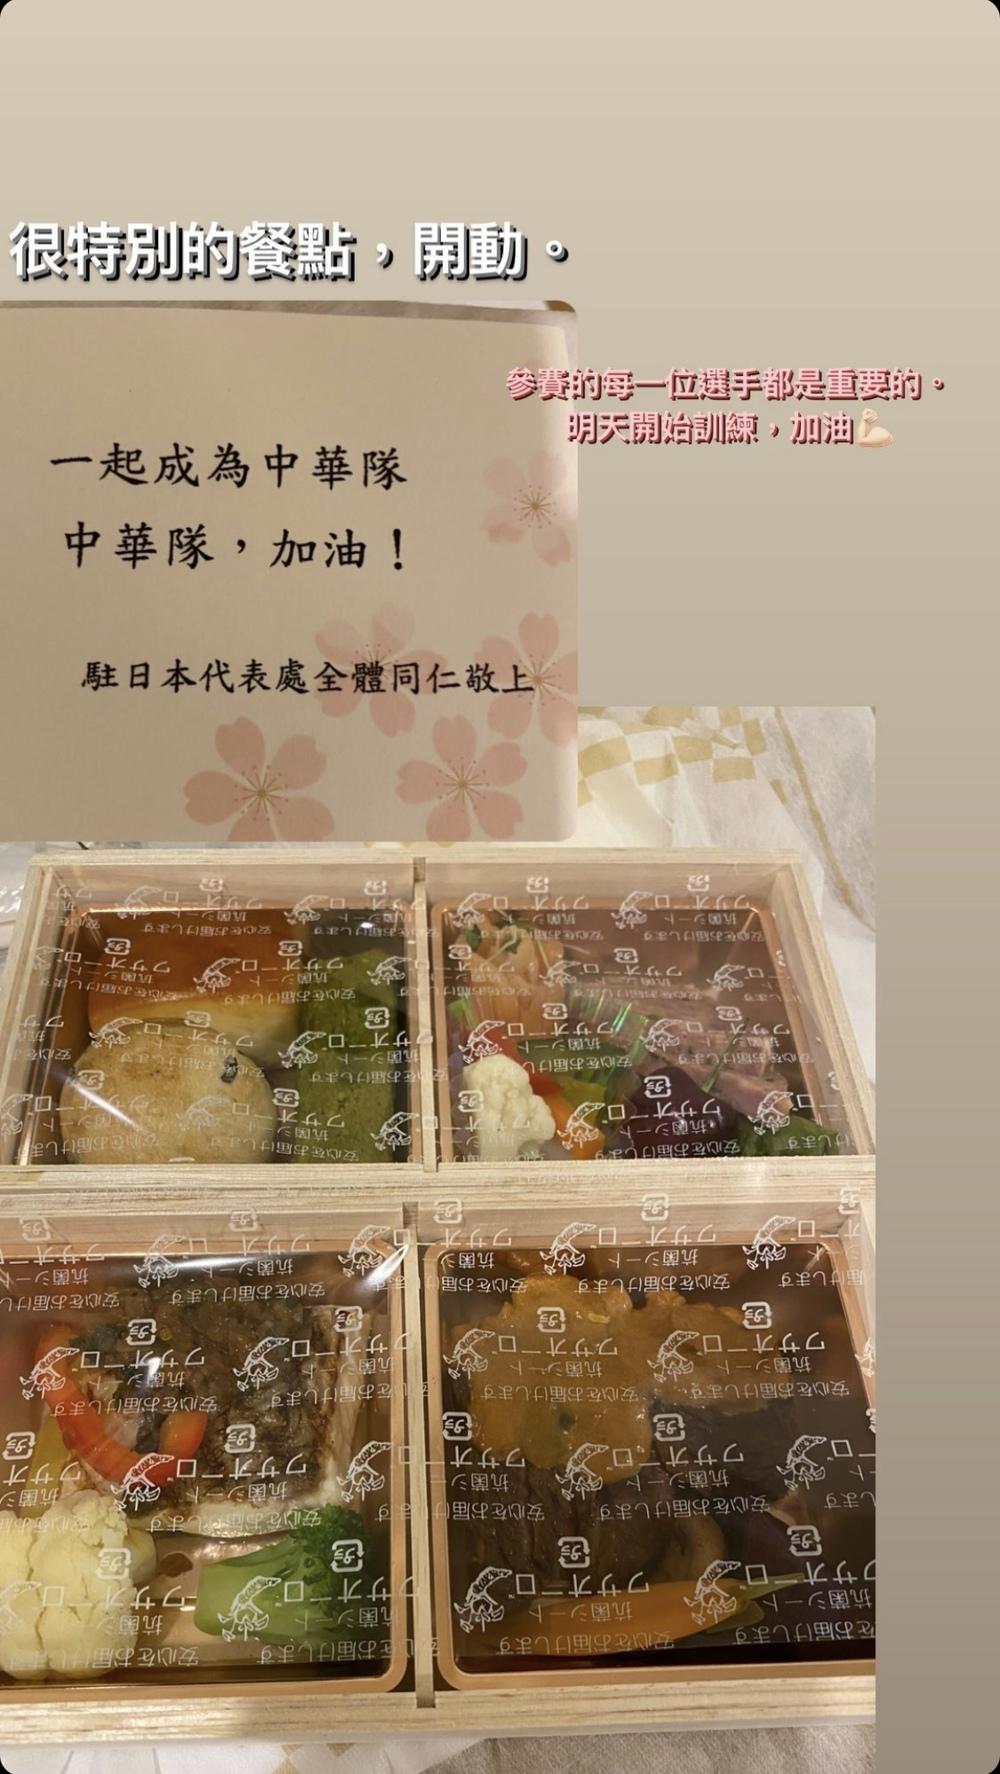 (翻攝自戴資穎IG)